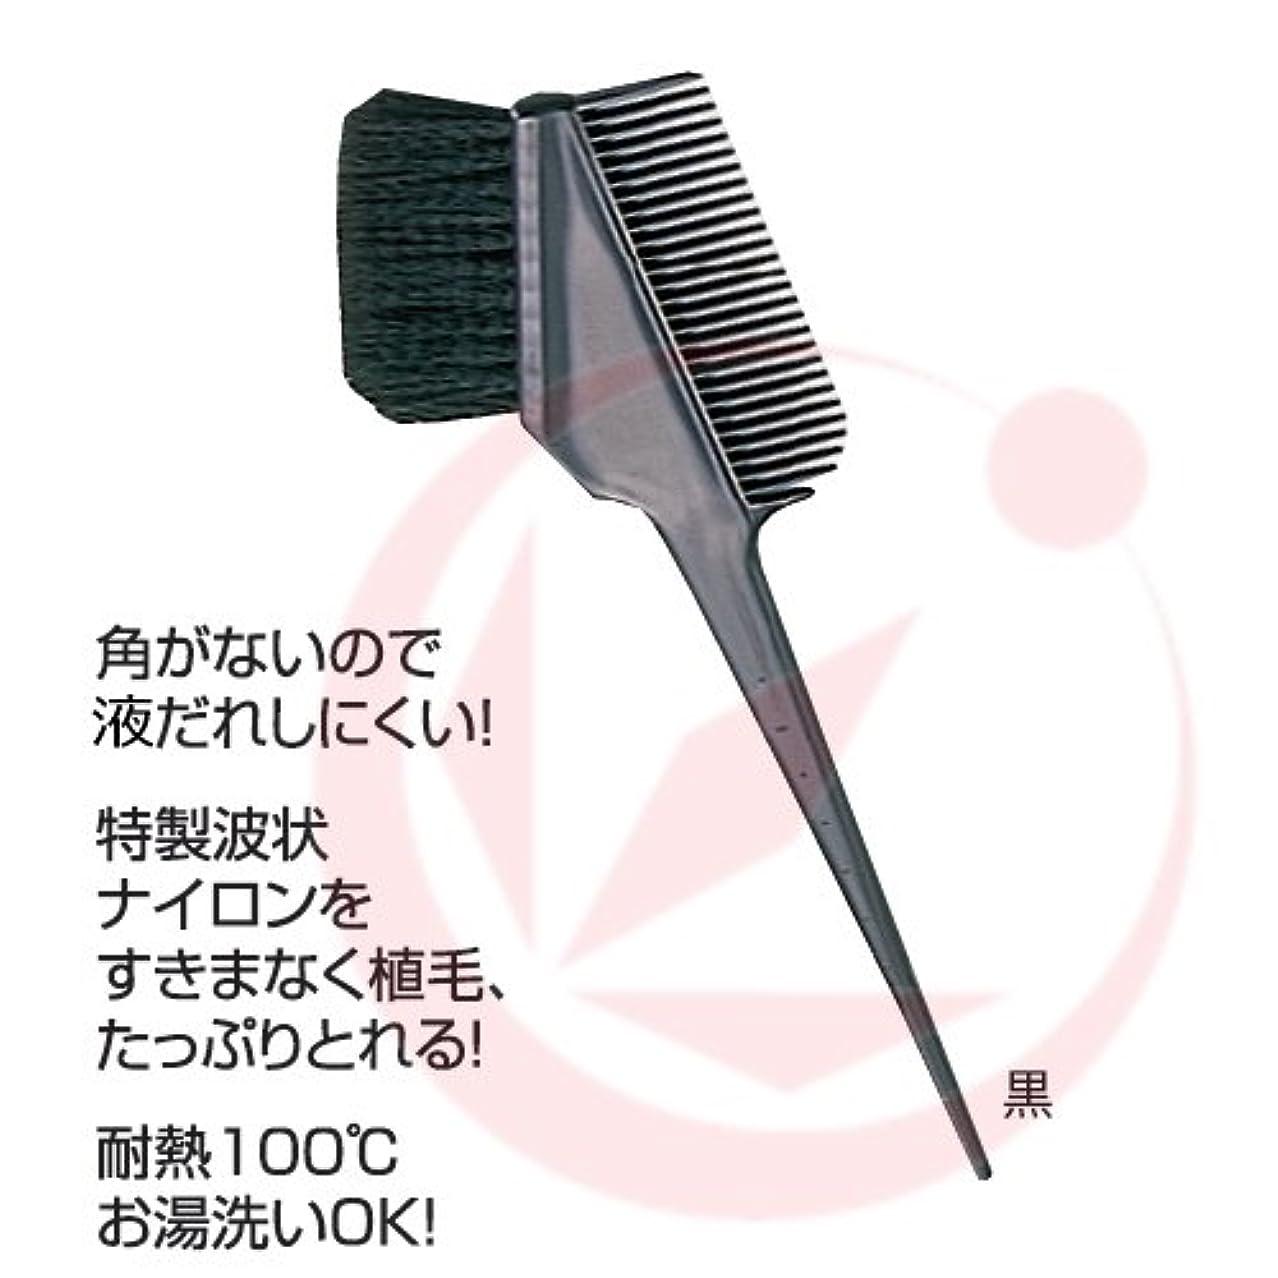 日光強風流体サンビーK-60 ヘアダイコーム付ブラシ カーマインレッド(BR)